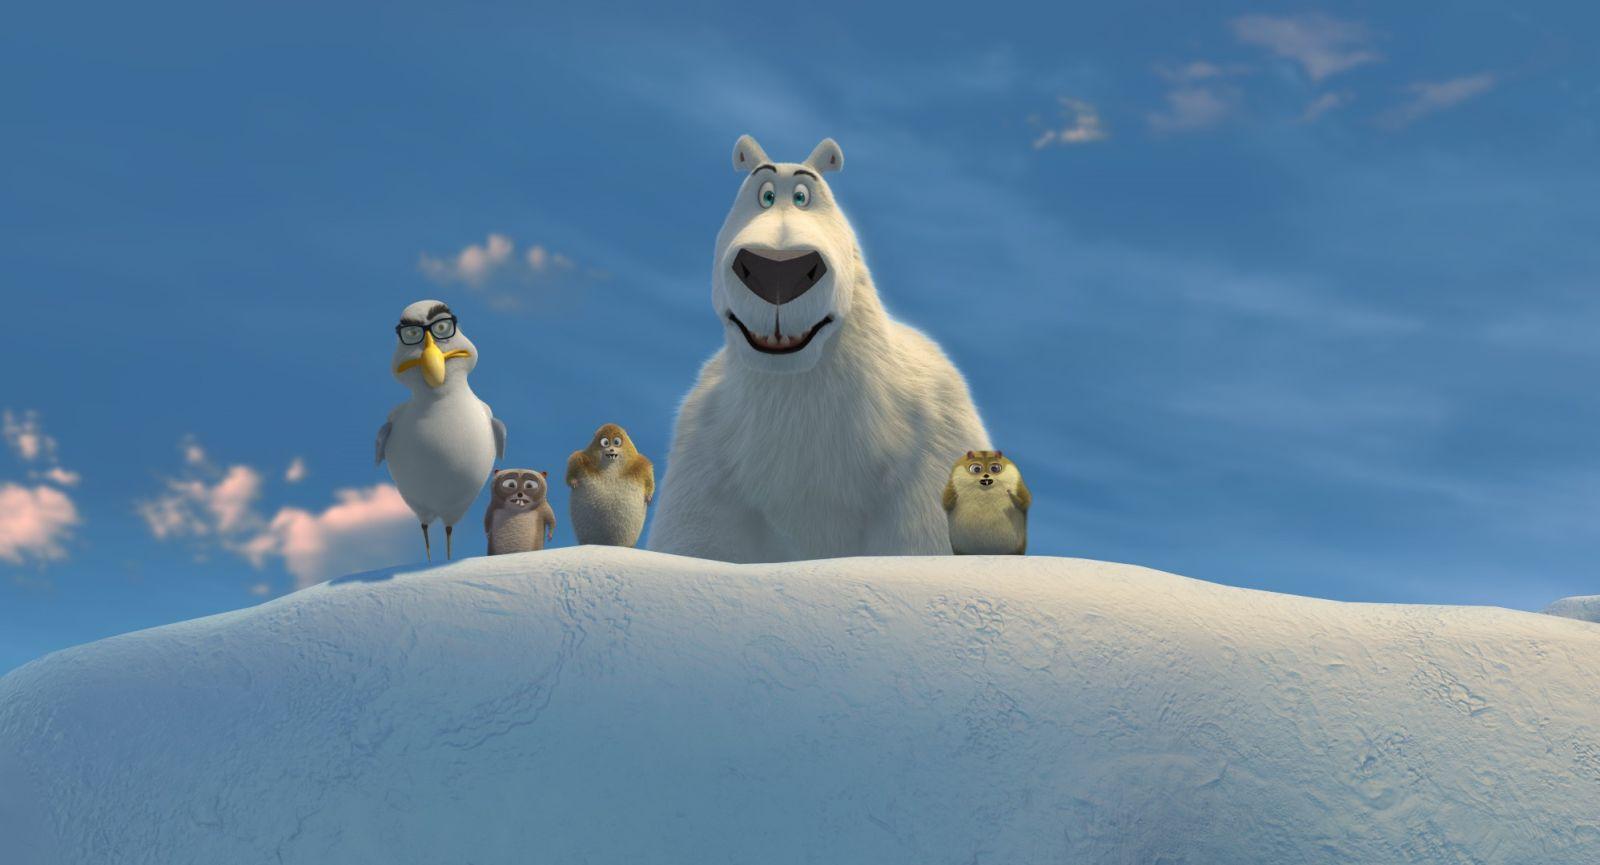 Il viaggio di Norm: un'immagine del film d'animazione